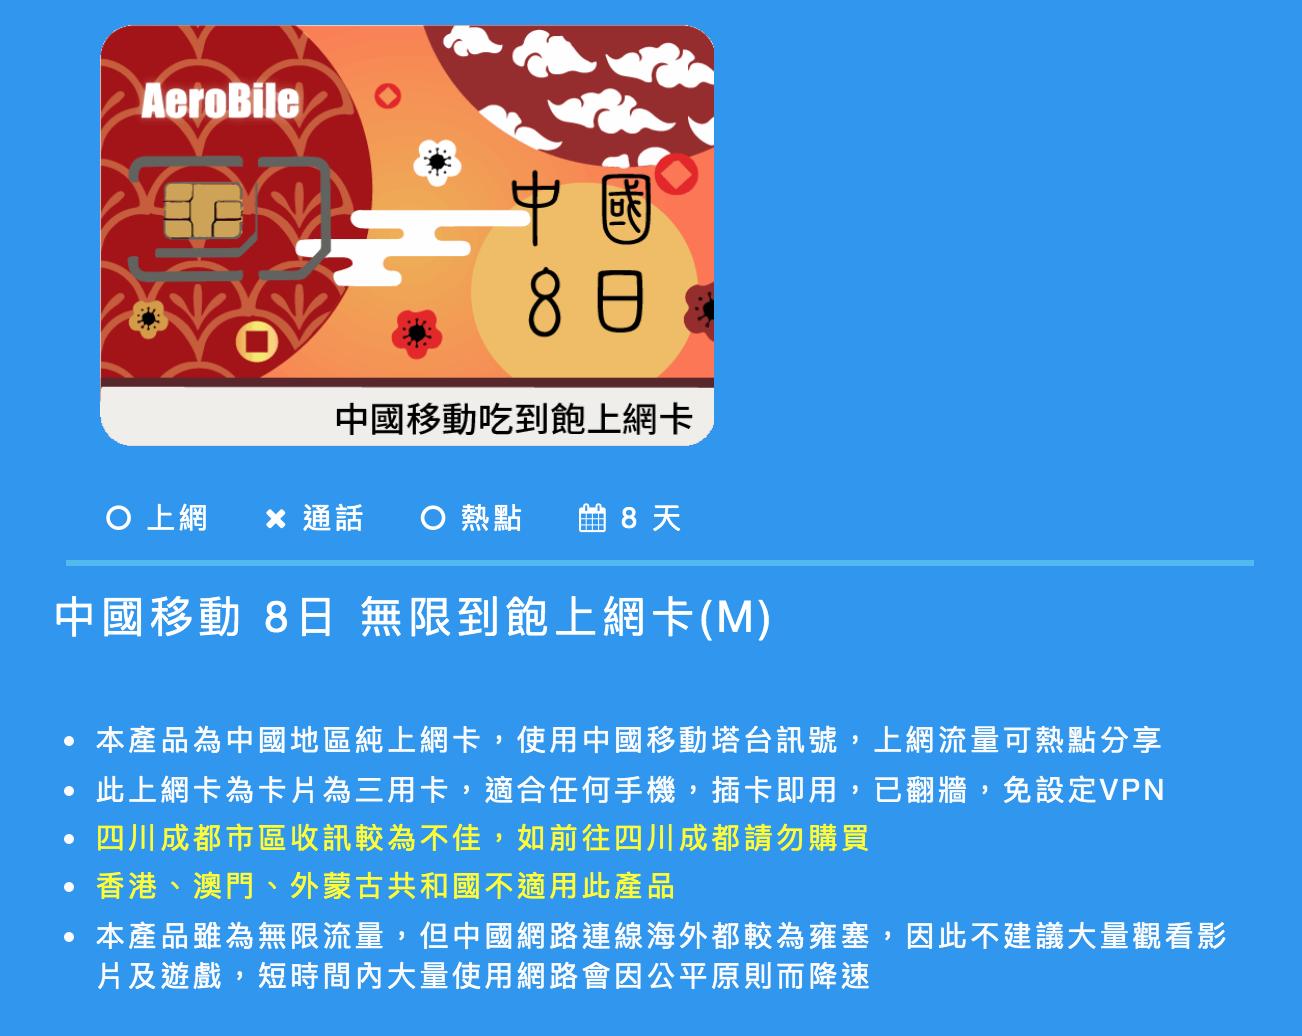 中國上網推薦 高速流量吃到飽 旅遊必備免翻牆中國 SIM 卡